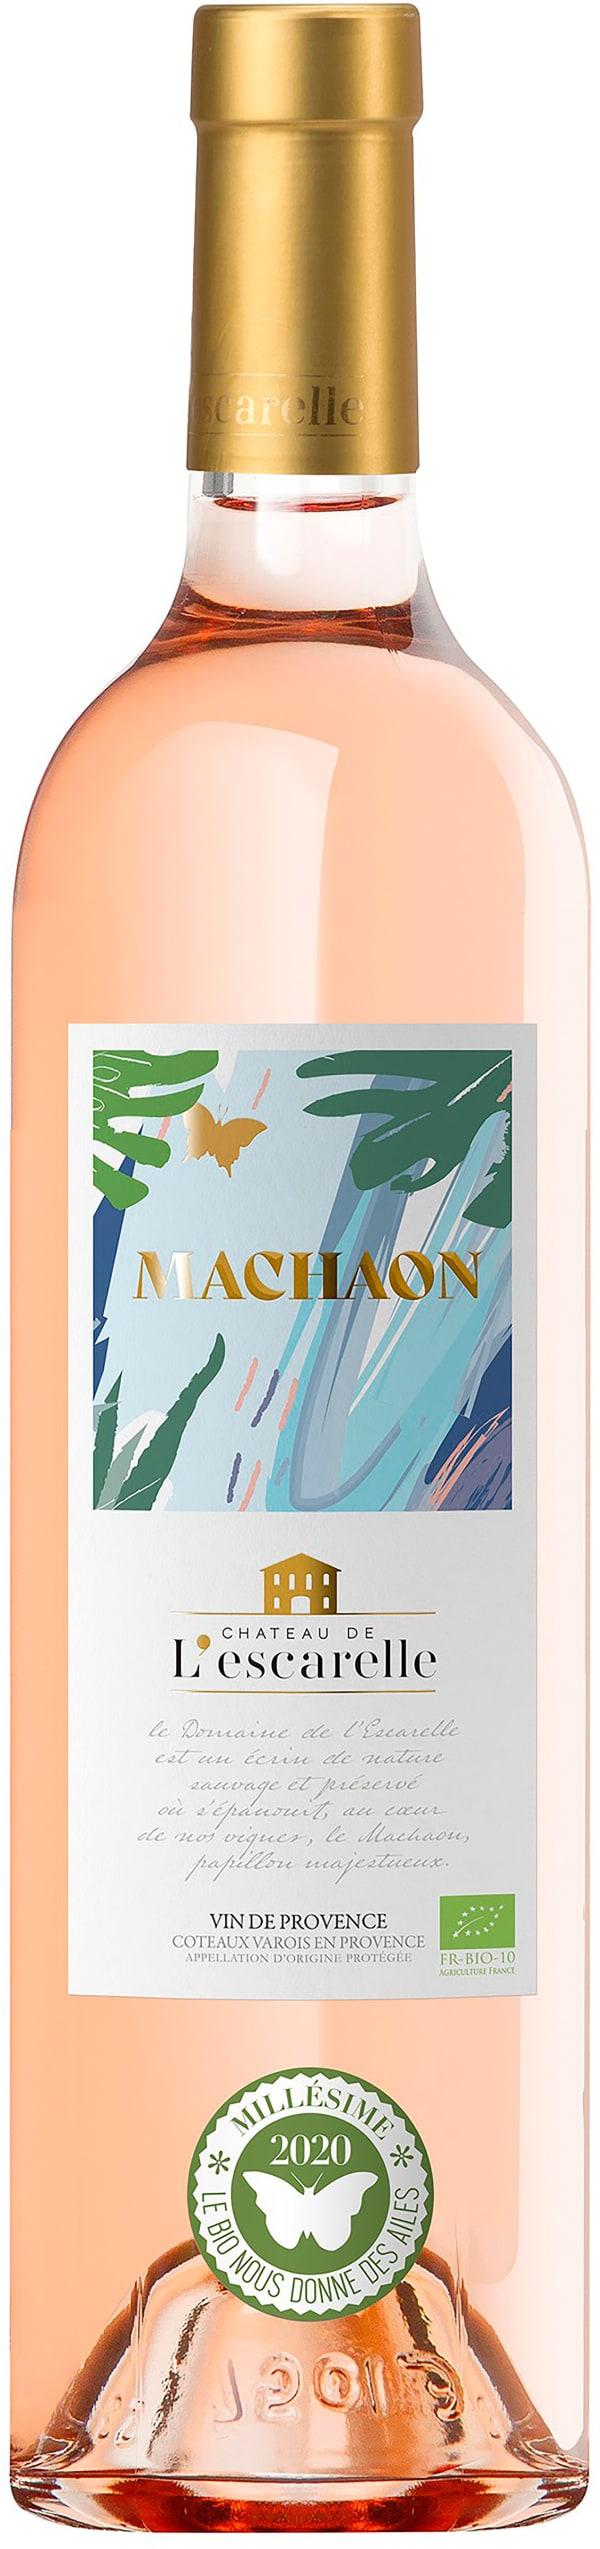 Château de l'Escarelle Machaon 2020